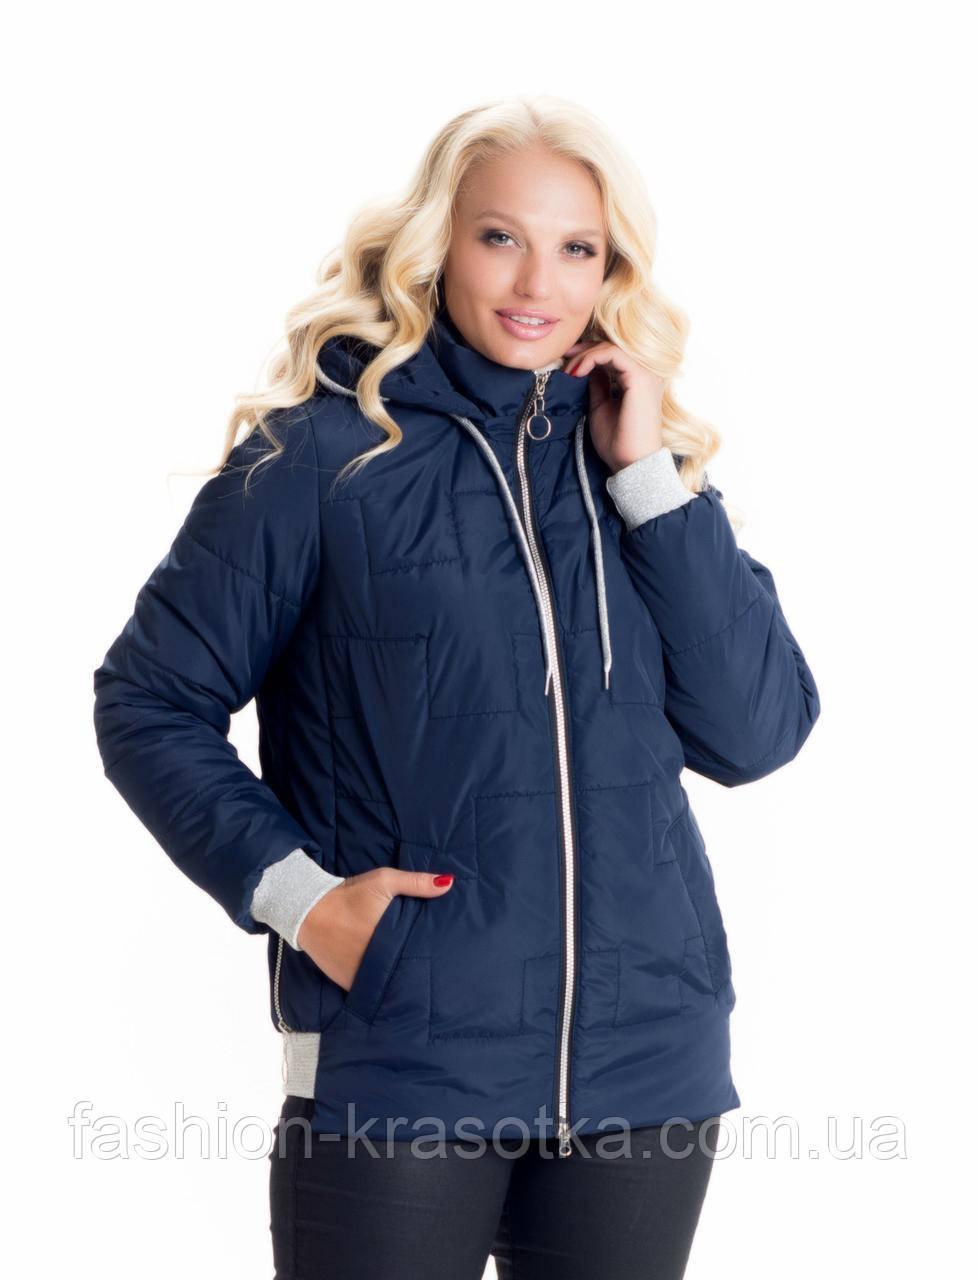 Модная женская демисезонная куртка,размеры 44-58,цвет синий.